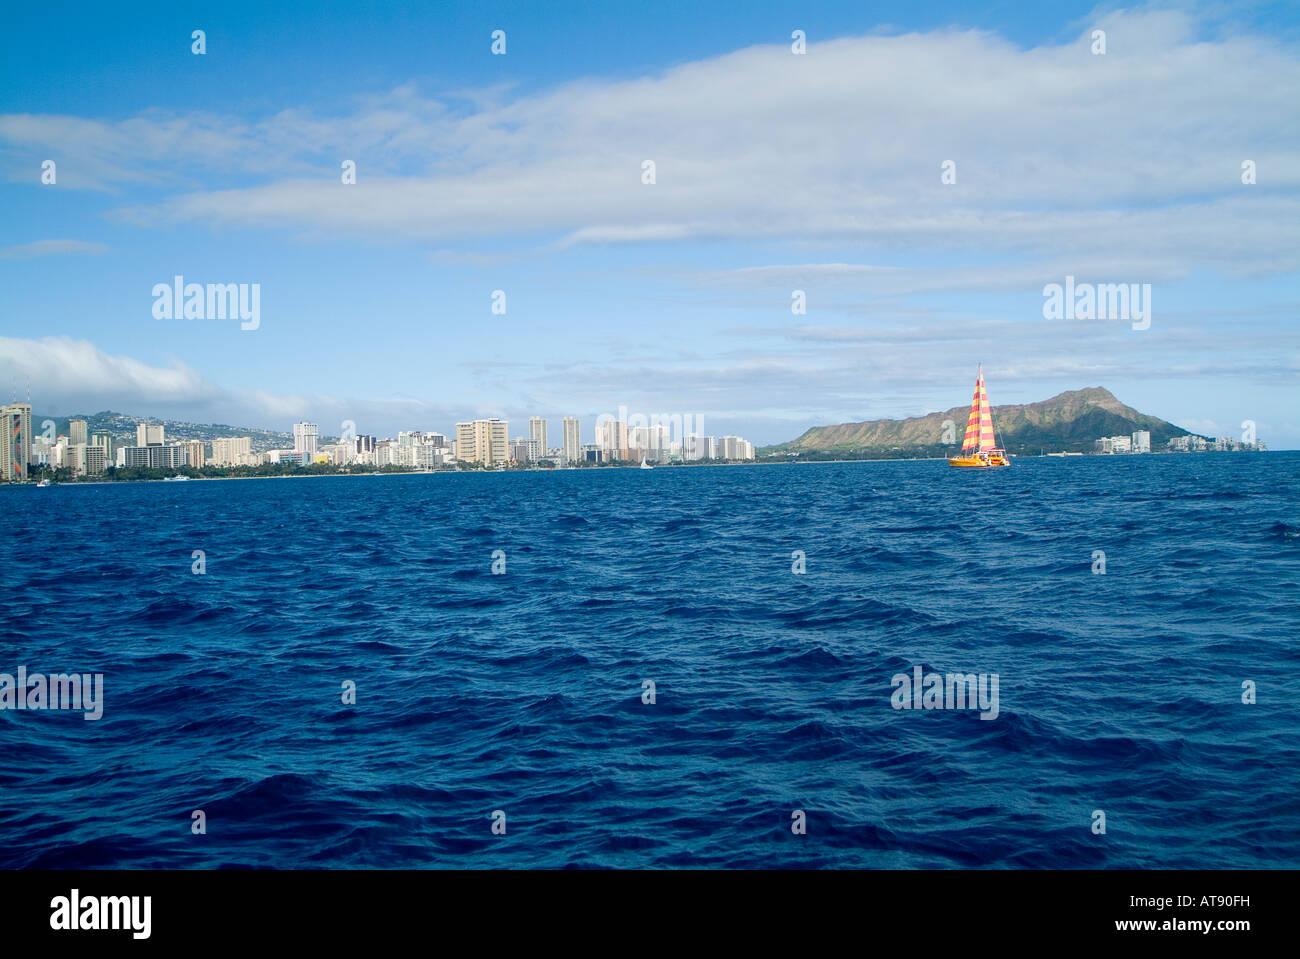 Amplio ángulo de disparo de la costa de Waikiki desde el centro de Honolulu a Diamond Head shot desde un velero fuera de Waikiki. Foto de stock